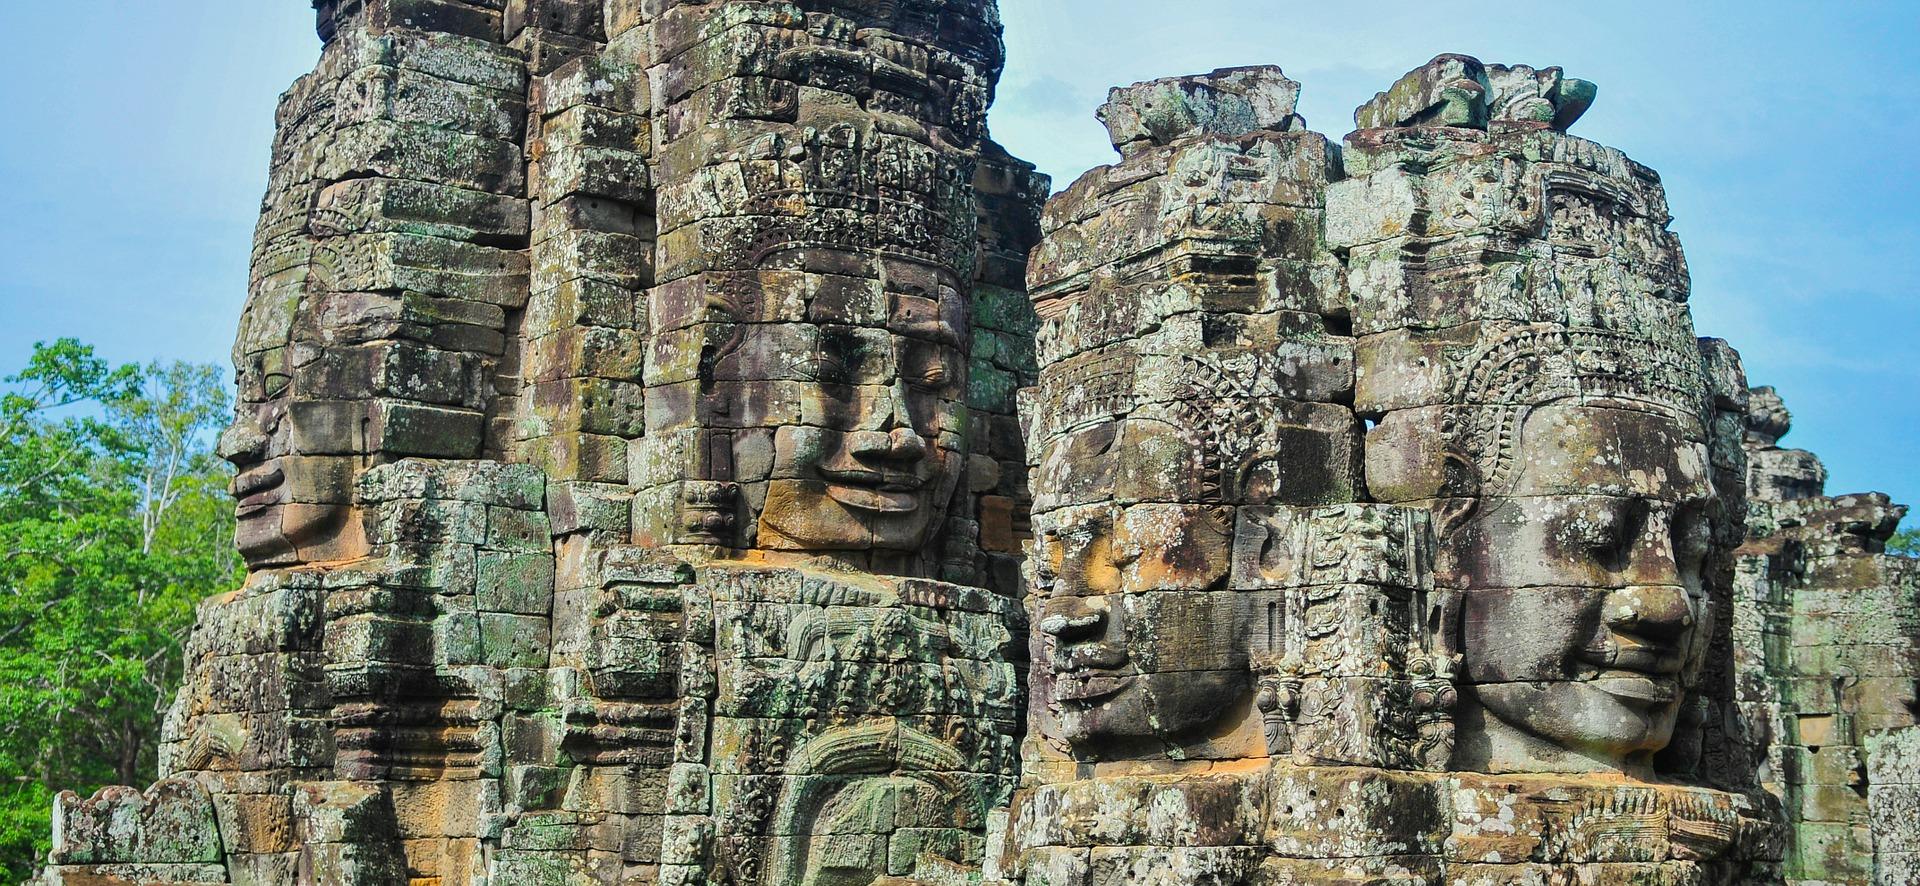 cambogia cosa vedere in 7 giorni